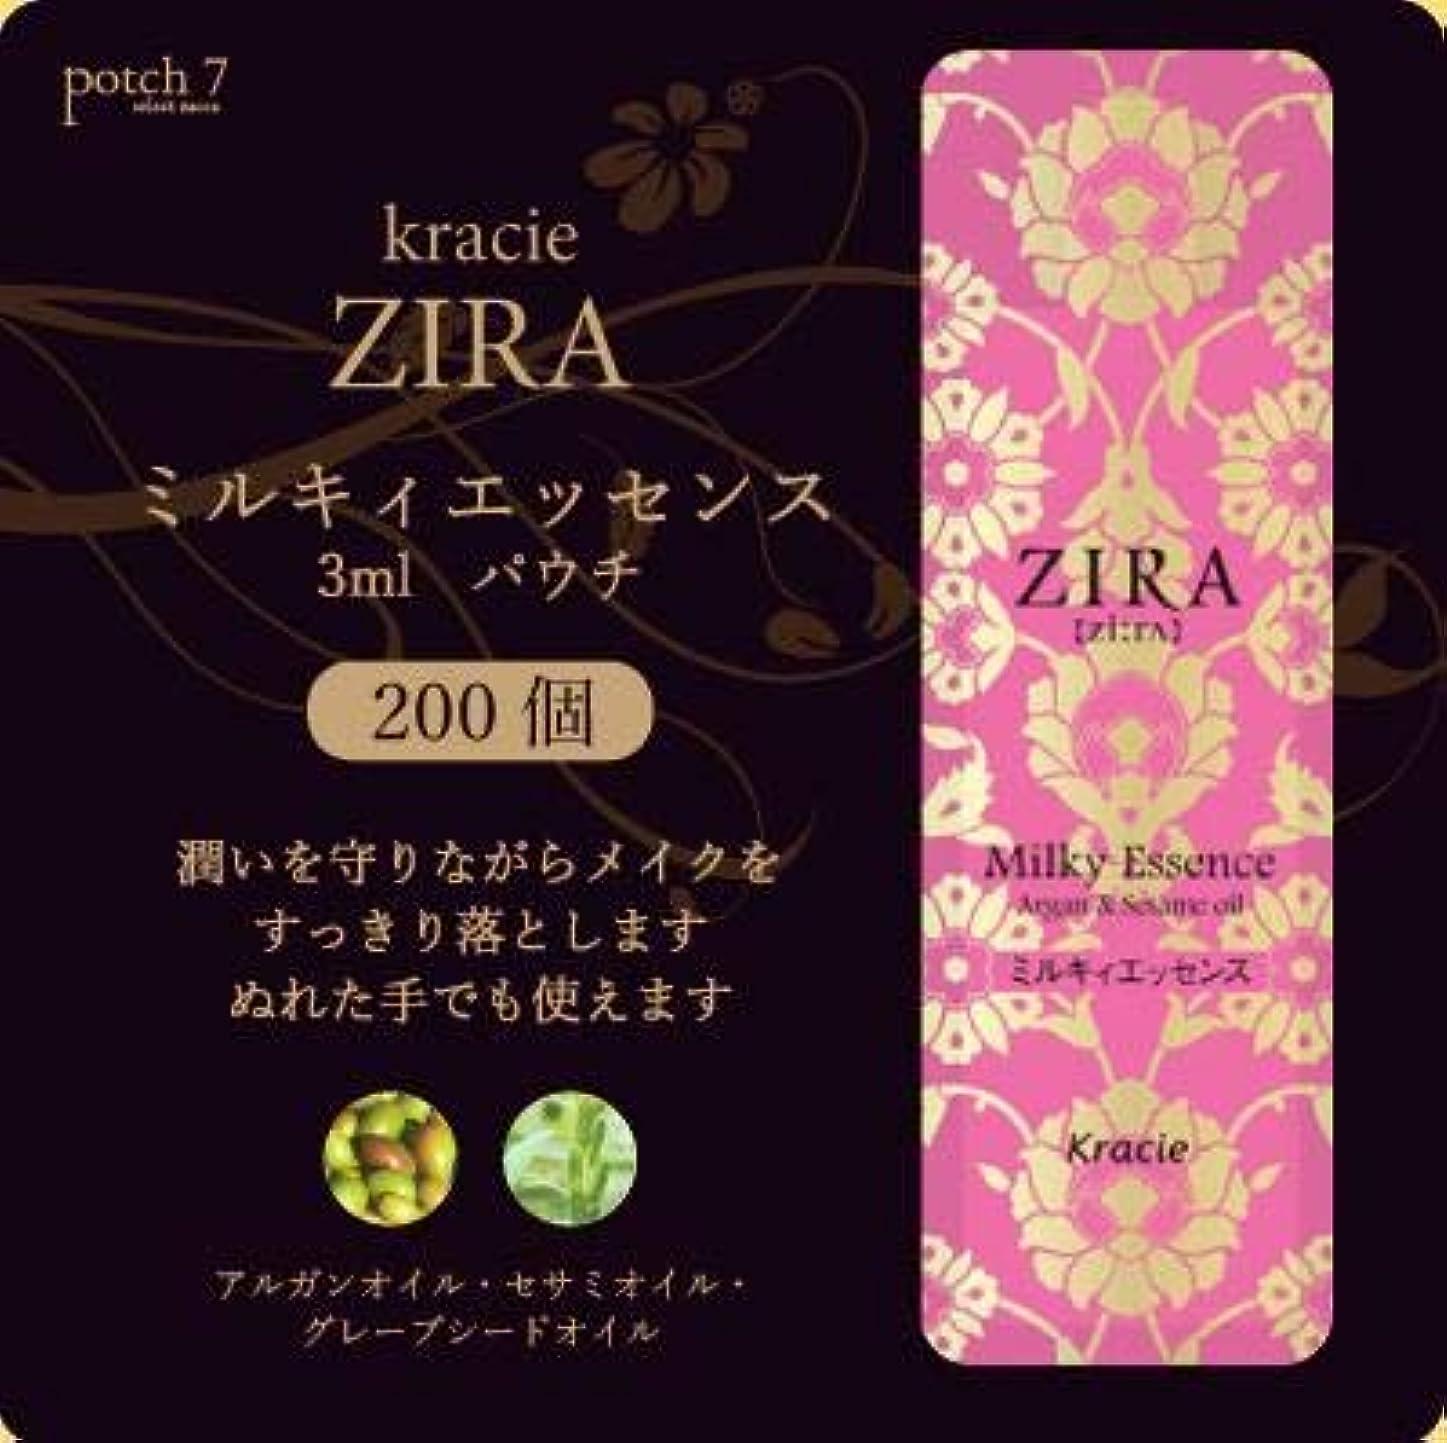 全員ガム発疹Kracie クラシエ ZIRA ジーラ ミルキィエッセンス 美容液 パウチ 3ml 200個入